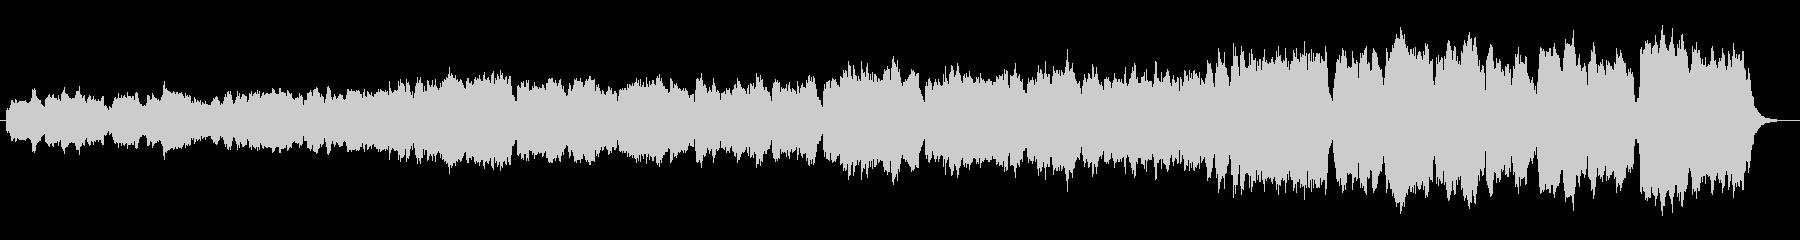 古いレコードから流れる聖堂の讃美歌演奏の未再生の波形